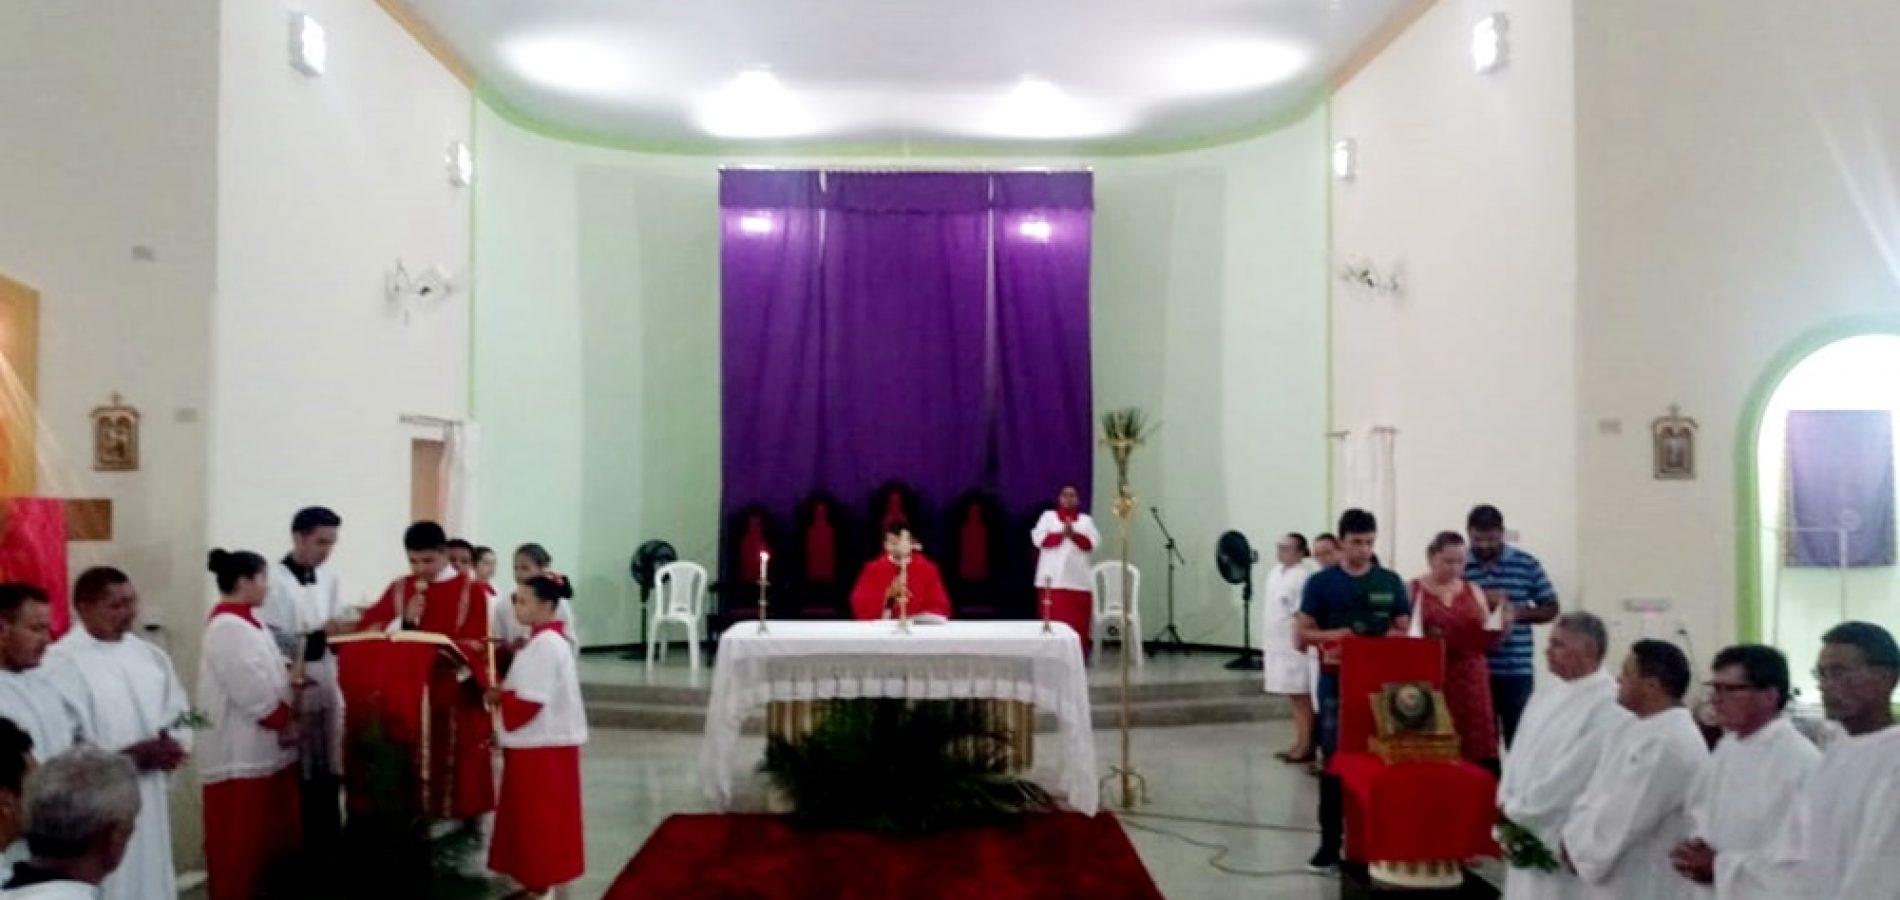 Missa de Domingo de Ramos é celebrada em Fronteiras; veja programação da Semana Santa